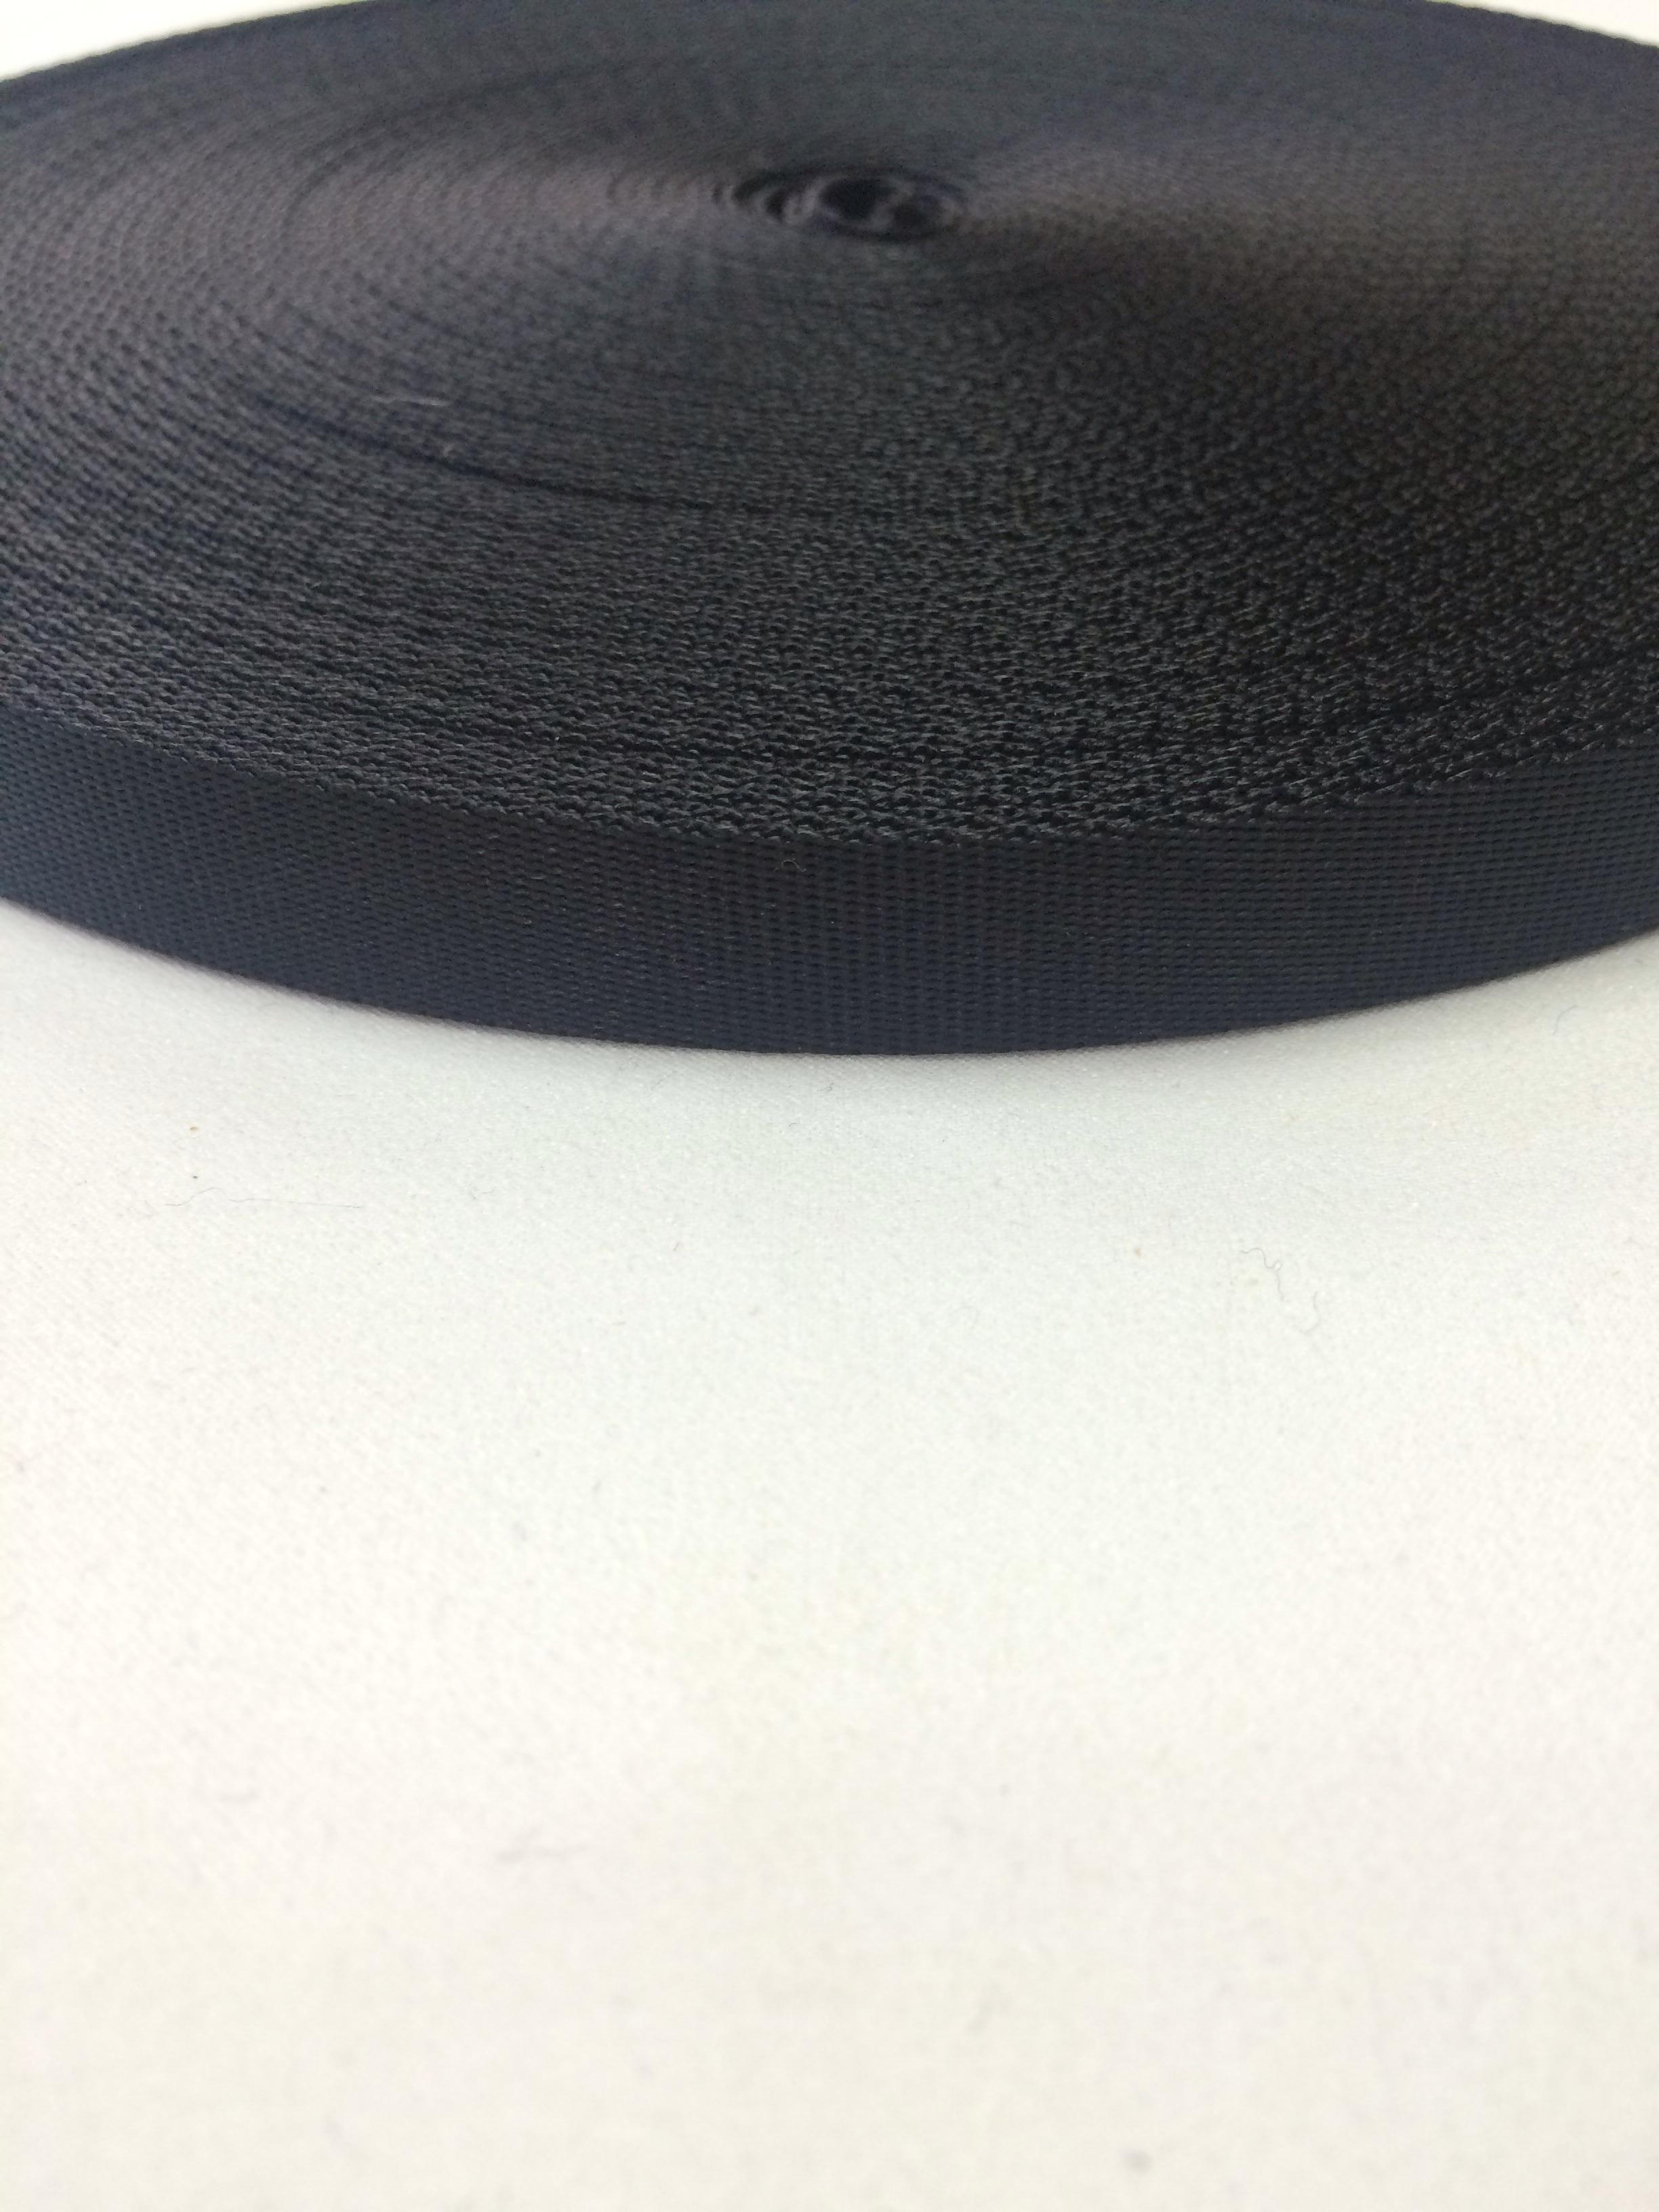 ナイロンテープ  流綾織  15mm幅  1.1mm厚 黒  5m